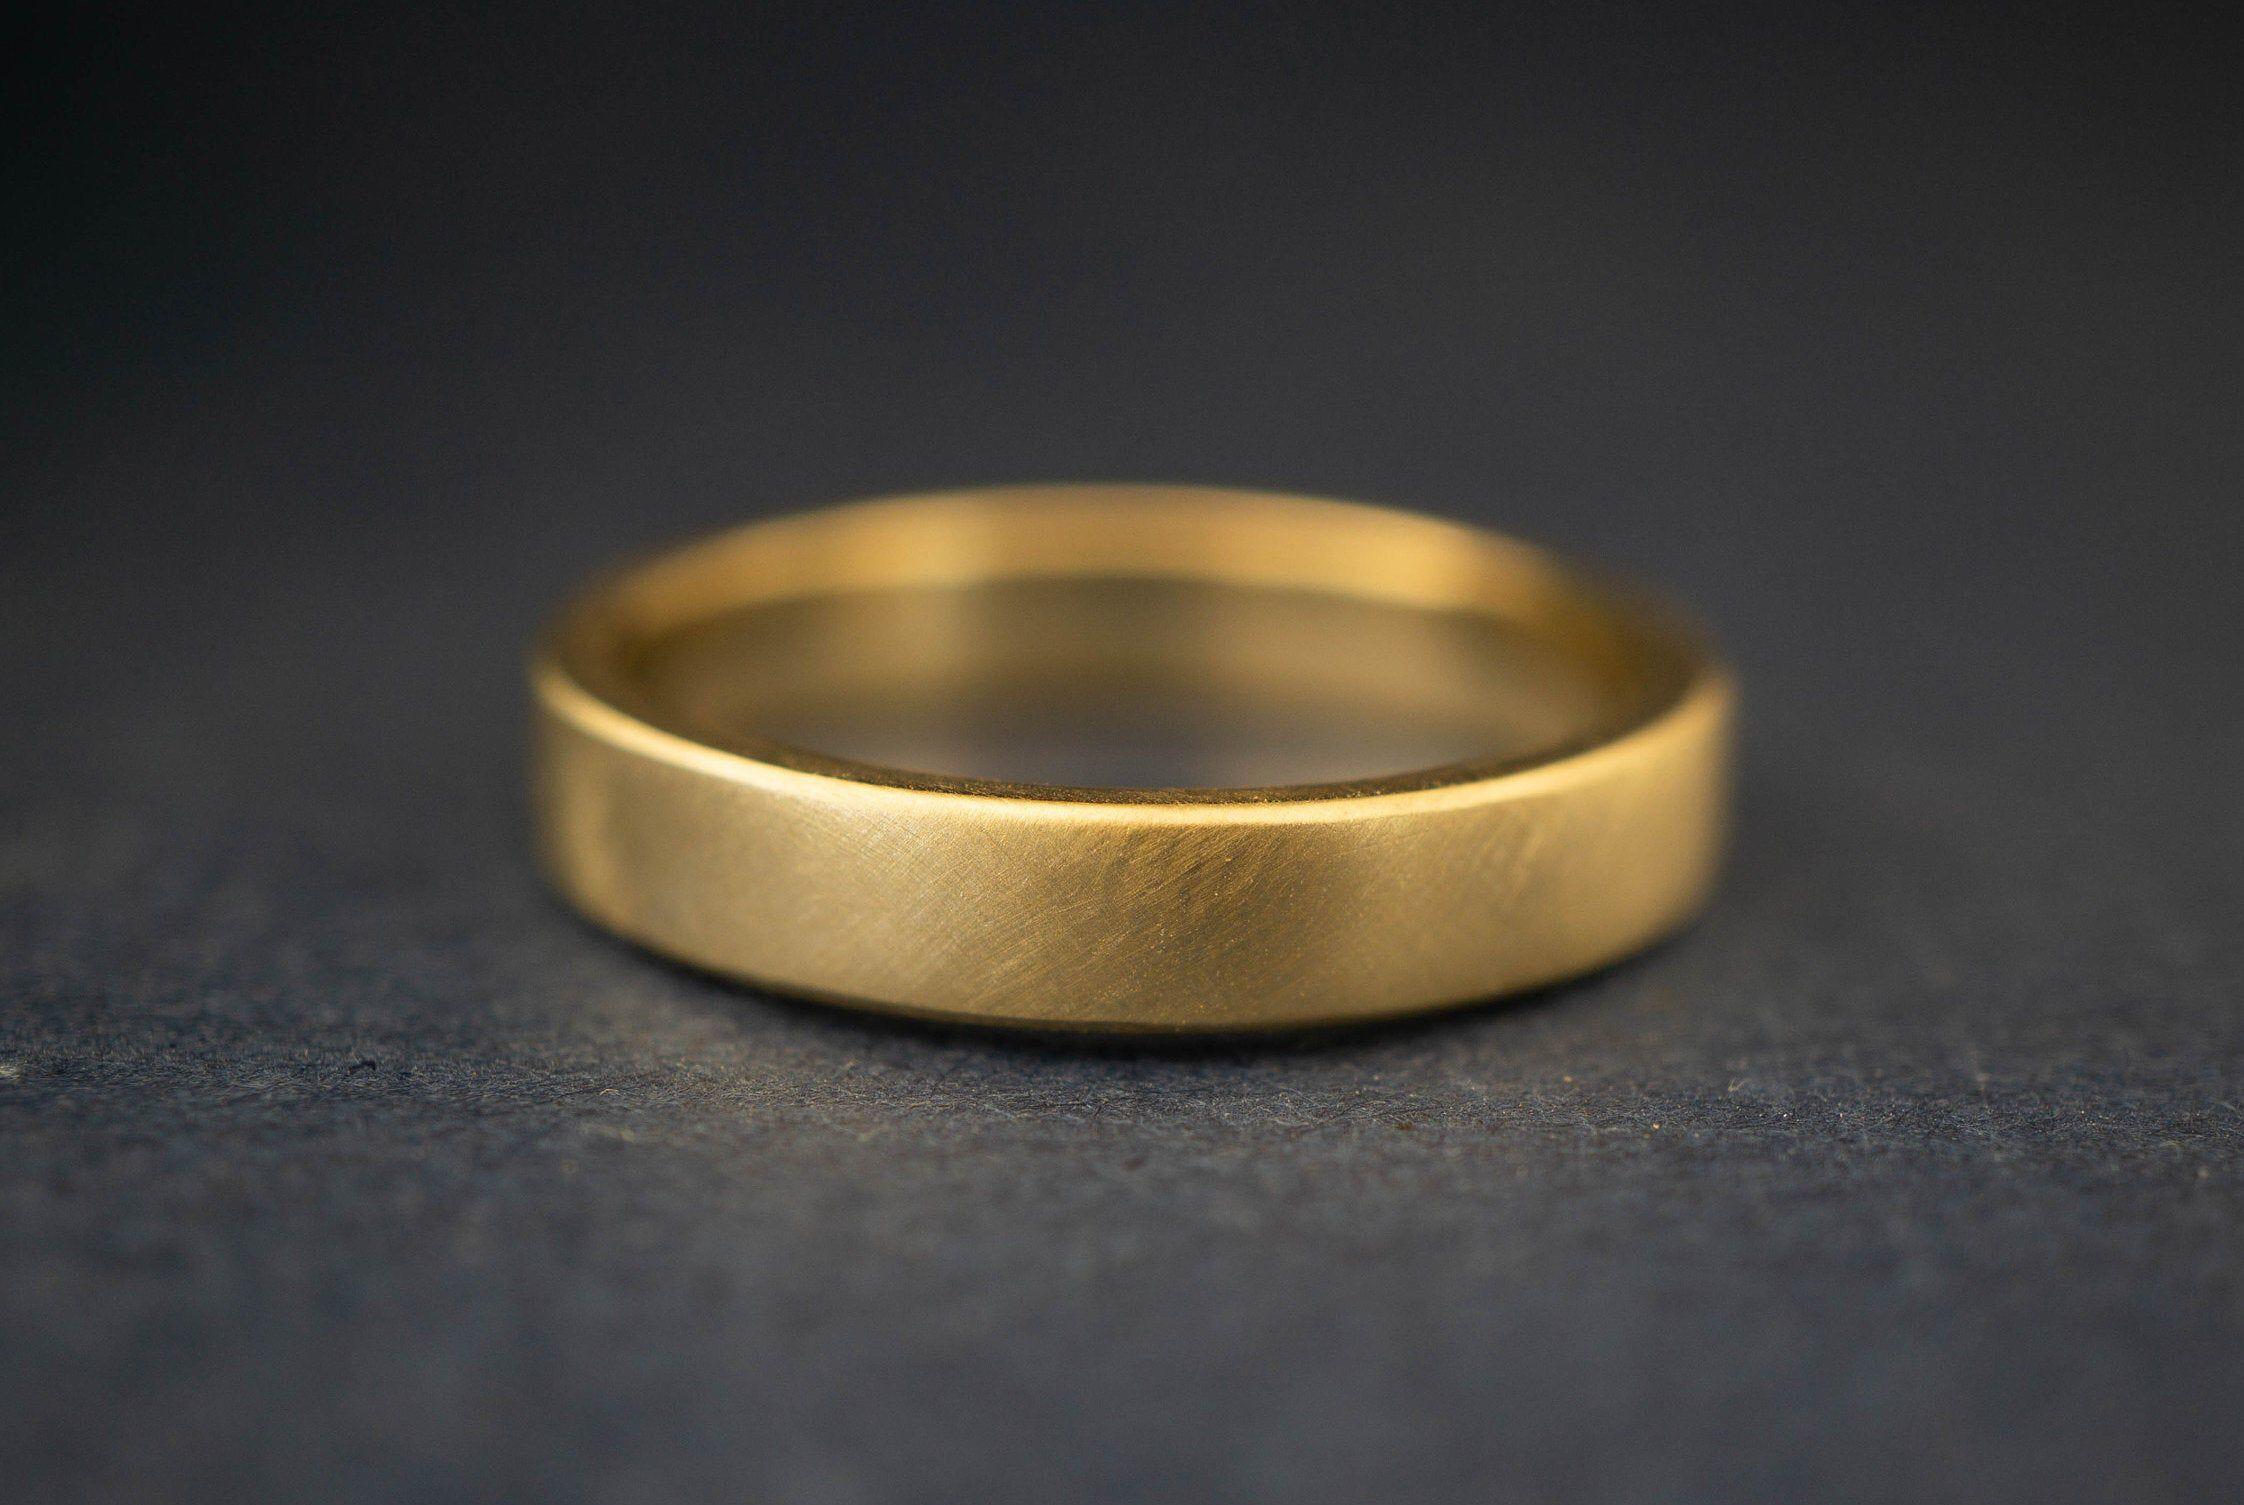 Solid 14k Rose Gold Wedding Band 2mm Flat Matte Brushed Comfort Fit Ring